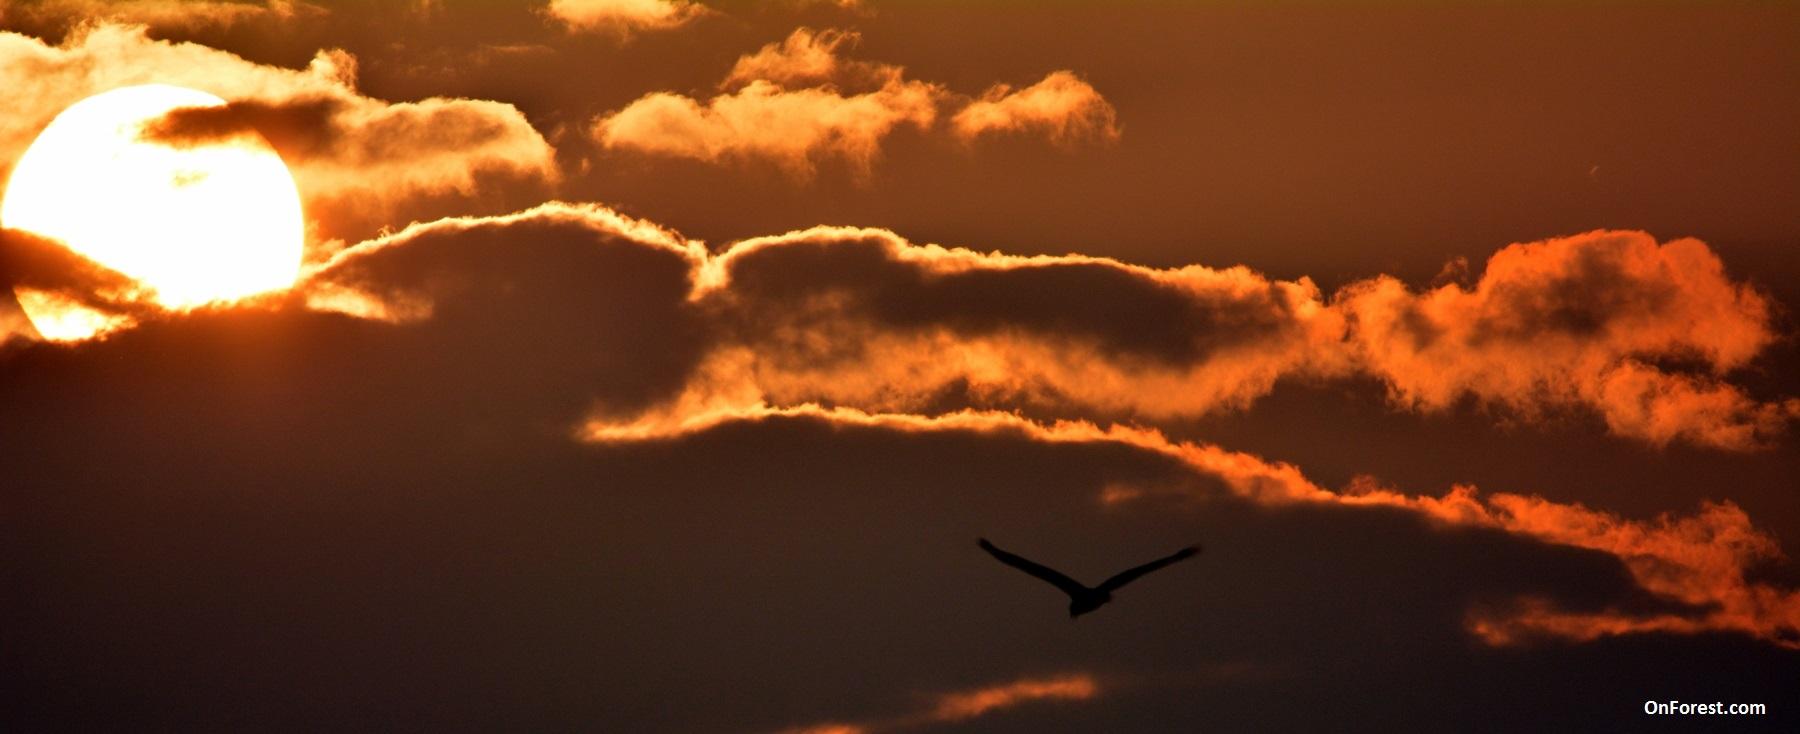 Flight Towards the Light